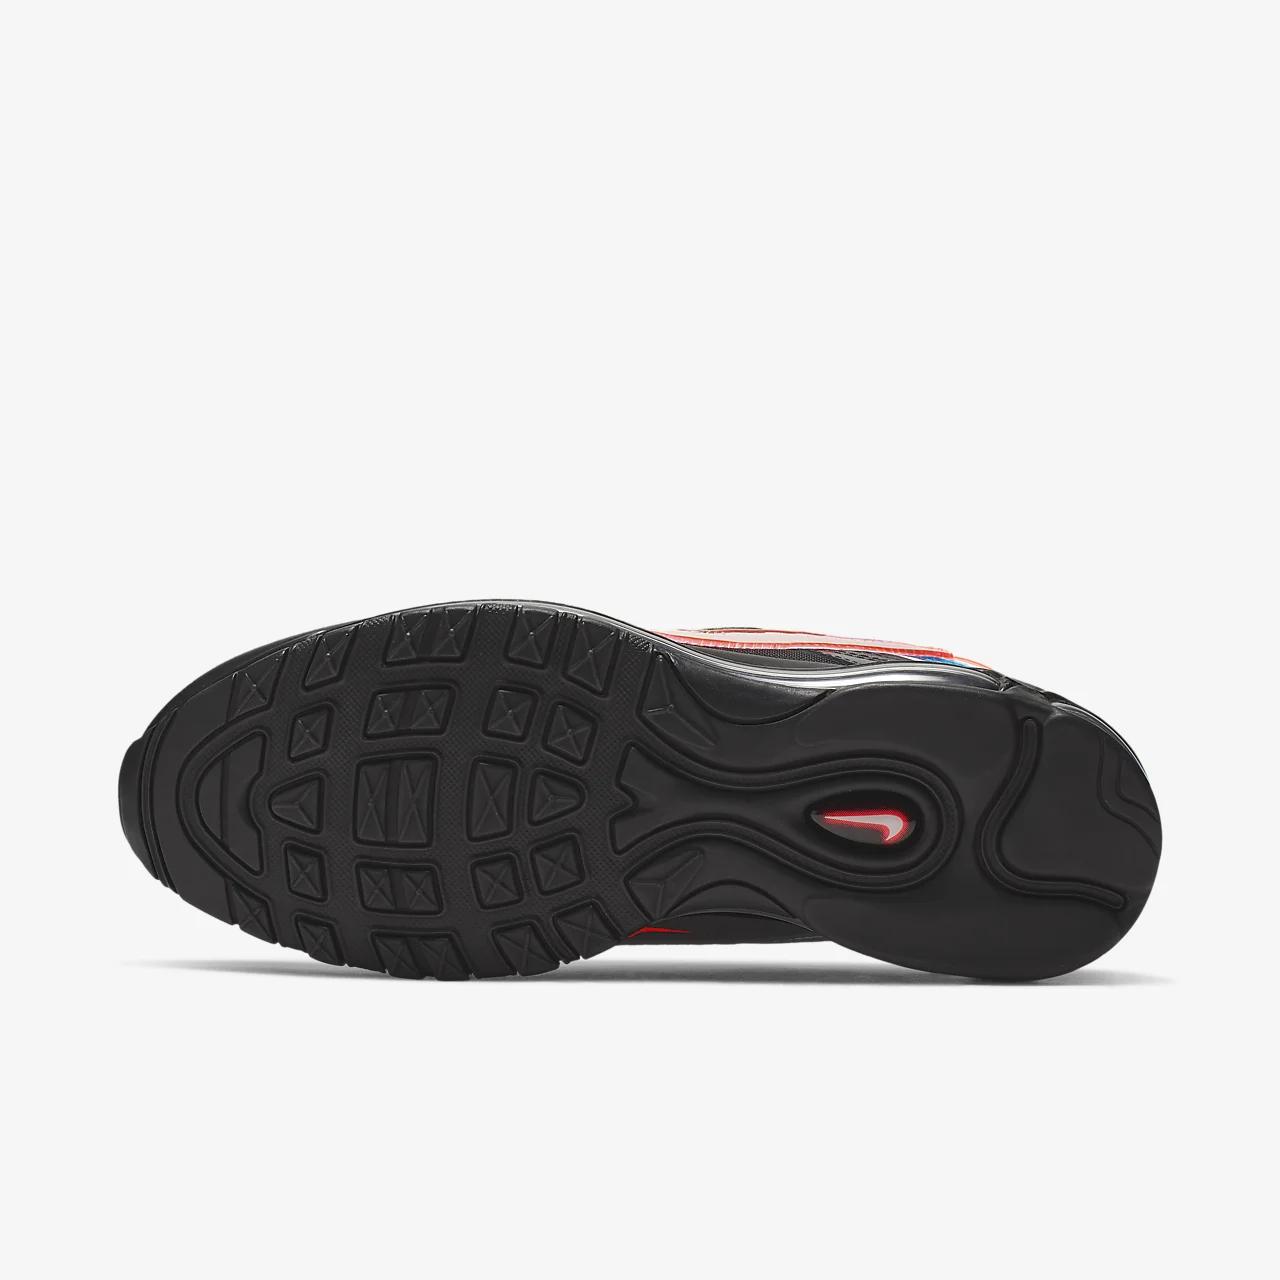 Nike Air Max 97 On Air Gwang Shin Shoe CI1503-001